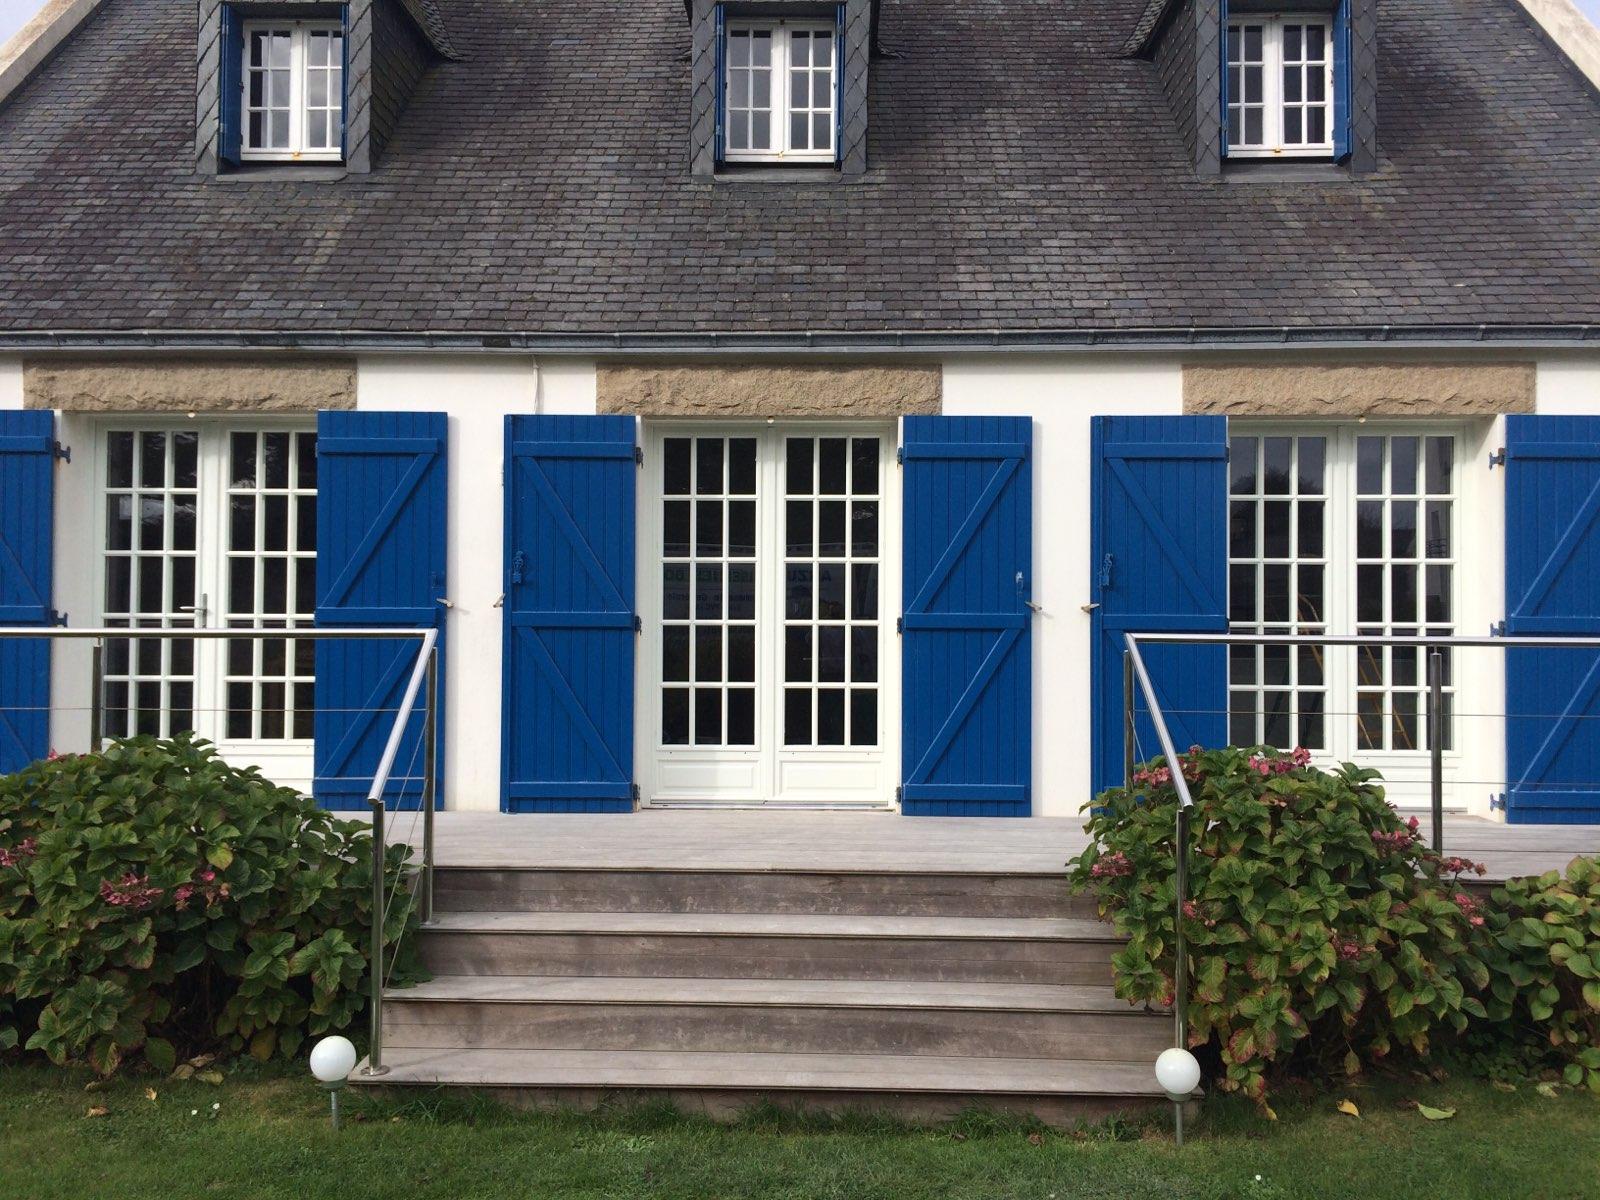 Arzur Menuiseries Installation De Portes Fenêtres Bois à 2 Vantaux